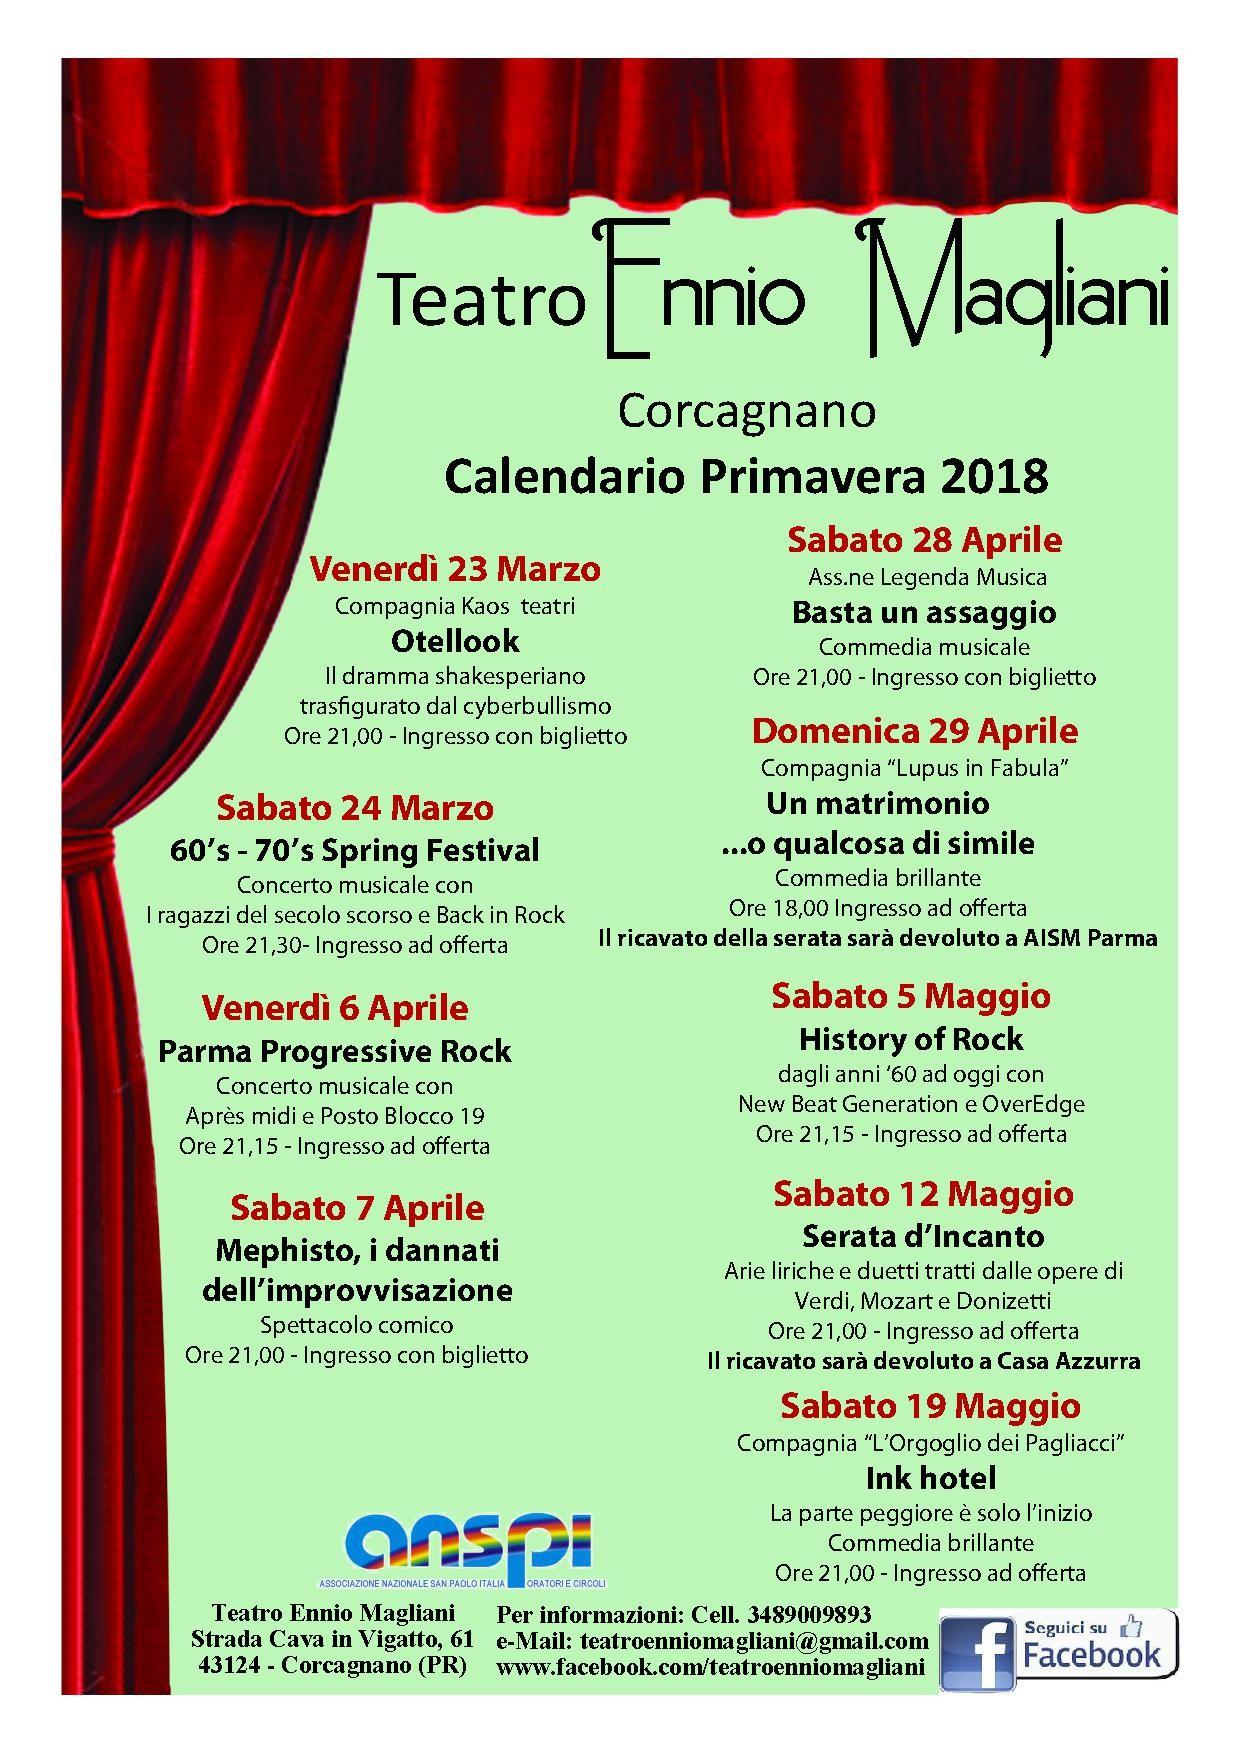 Calendario primavera 2018 del Teatro Ennio Magliani